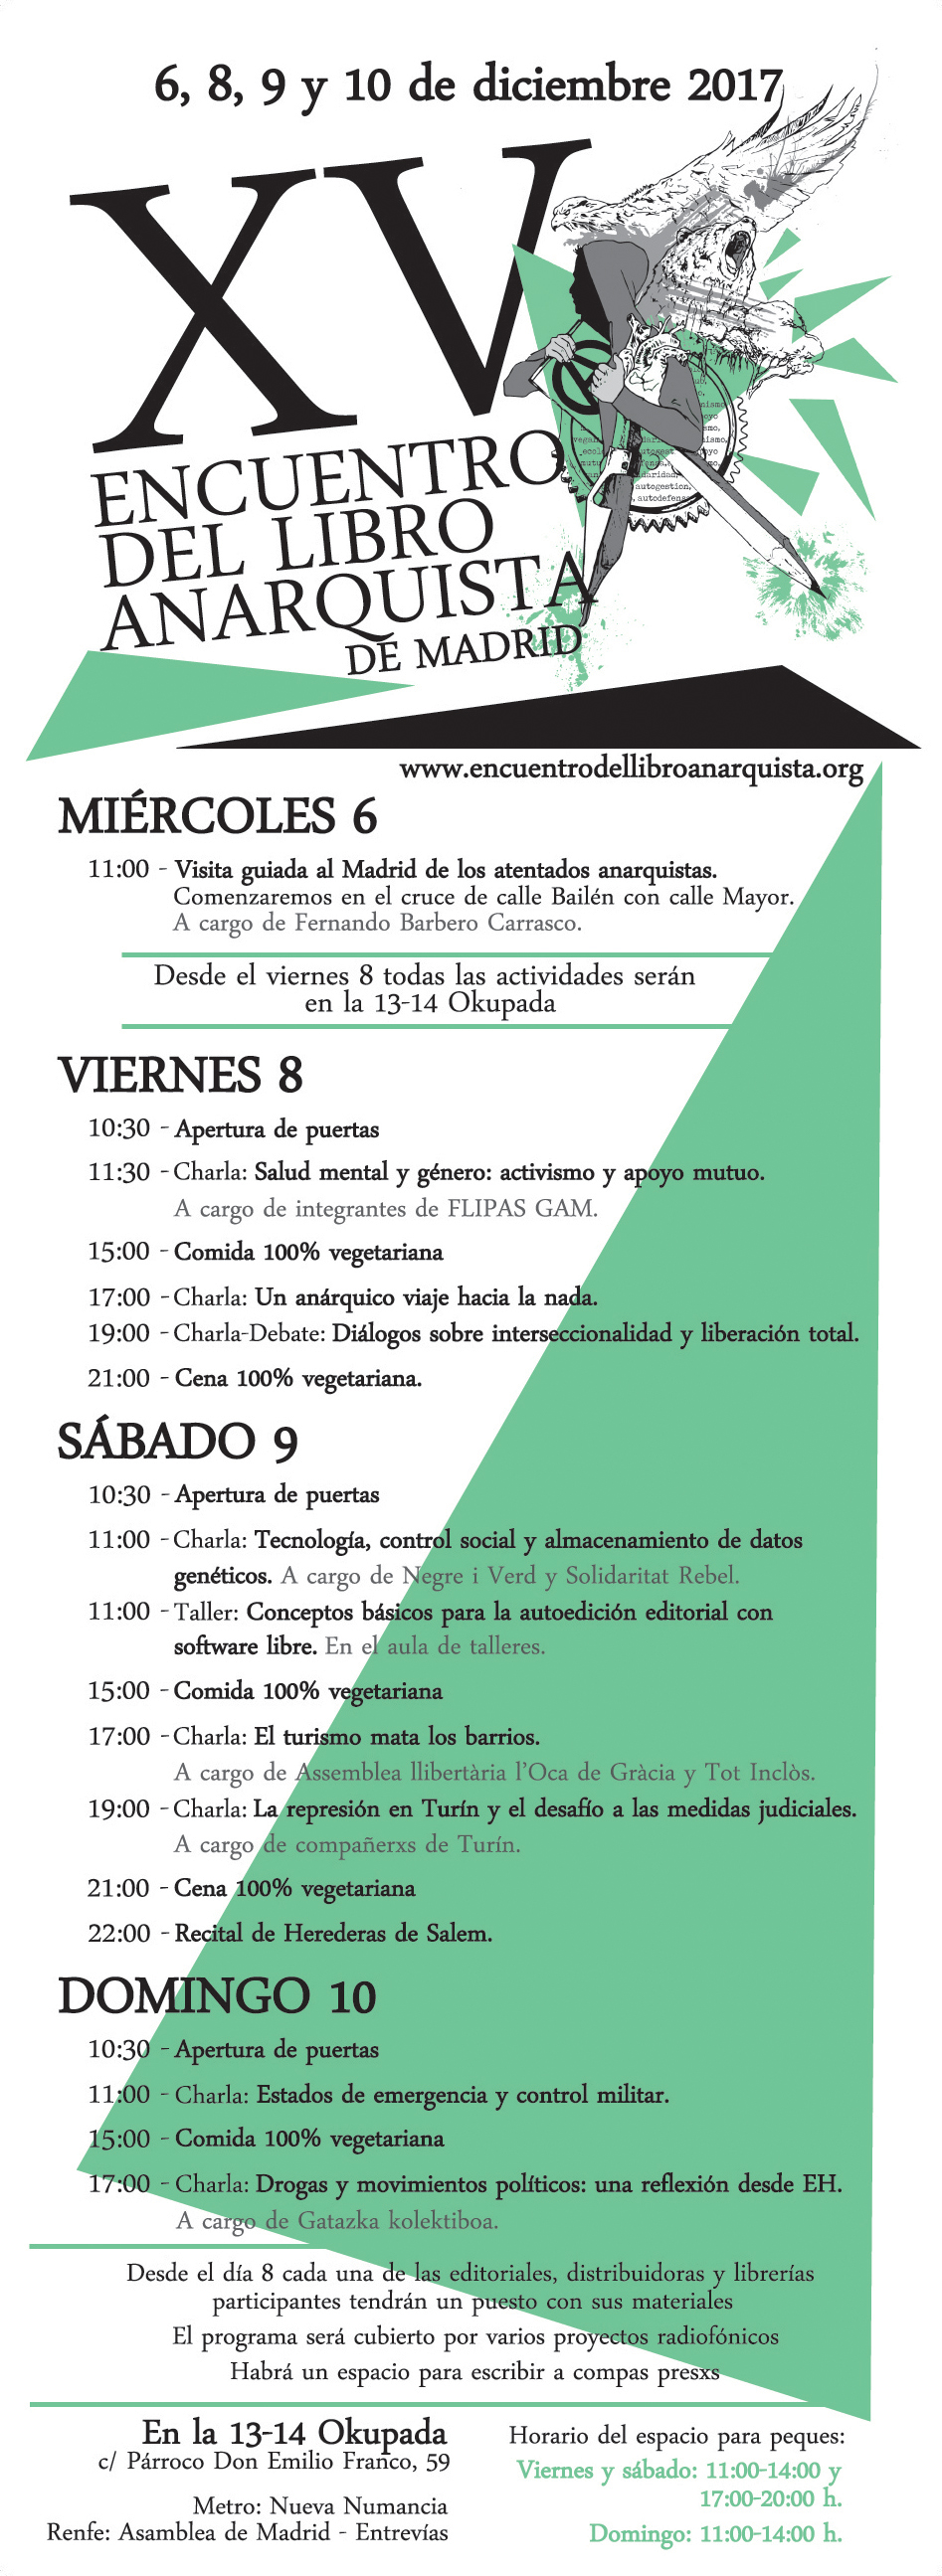 http://encuentrodellibroanarquista.org/feria13/wp-content/uploads/2016/10/cartel2017_ELAM_RGB.jpg